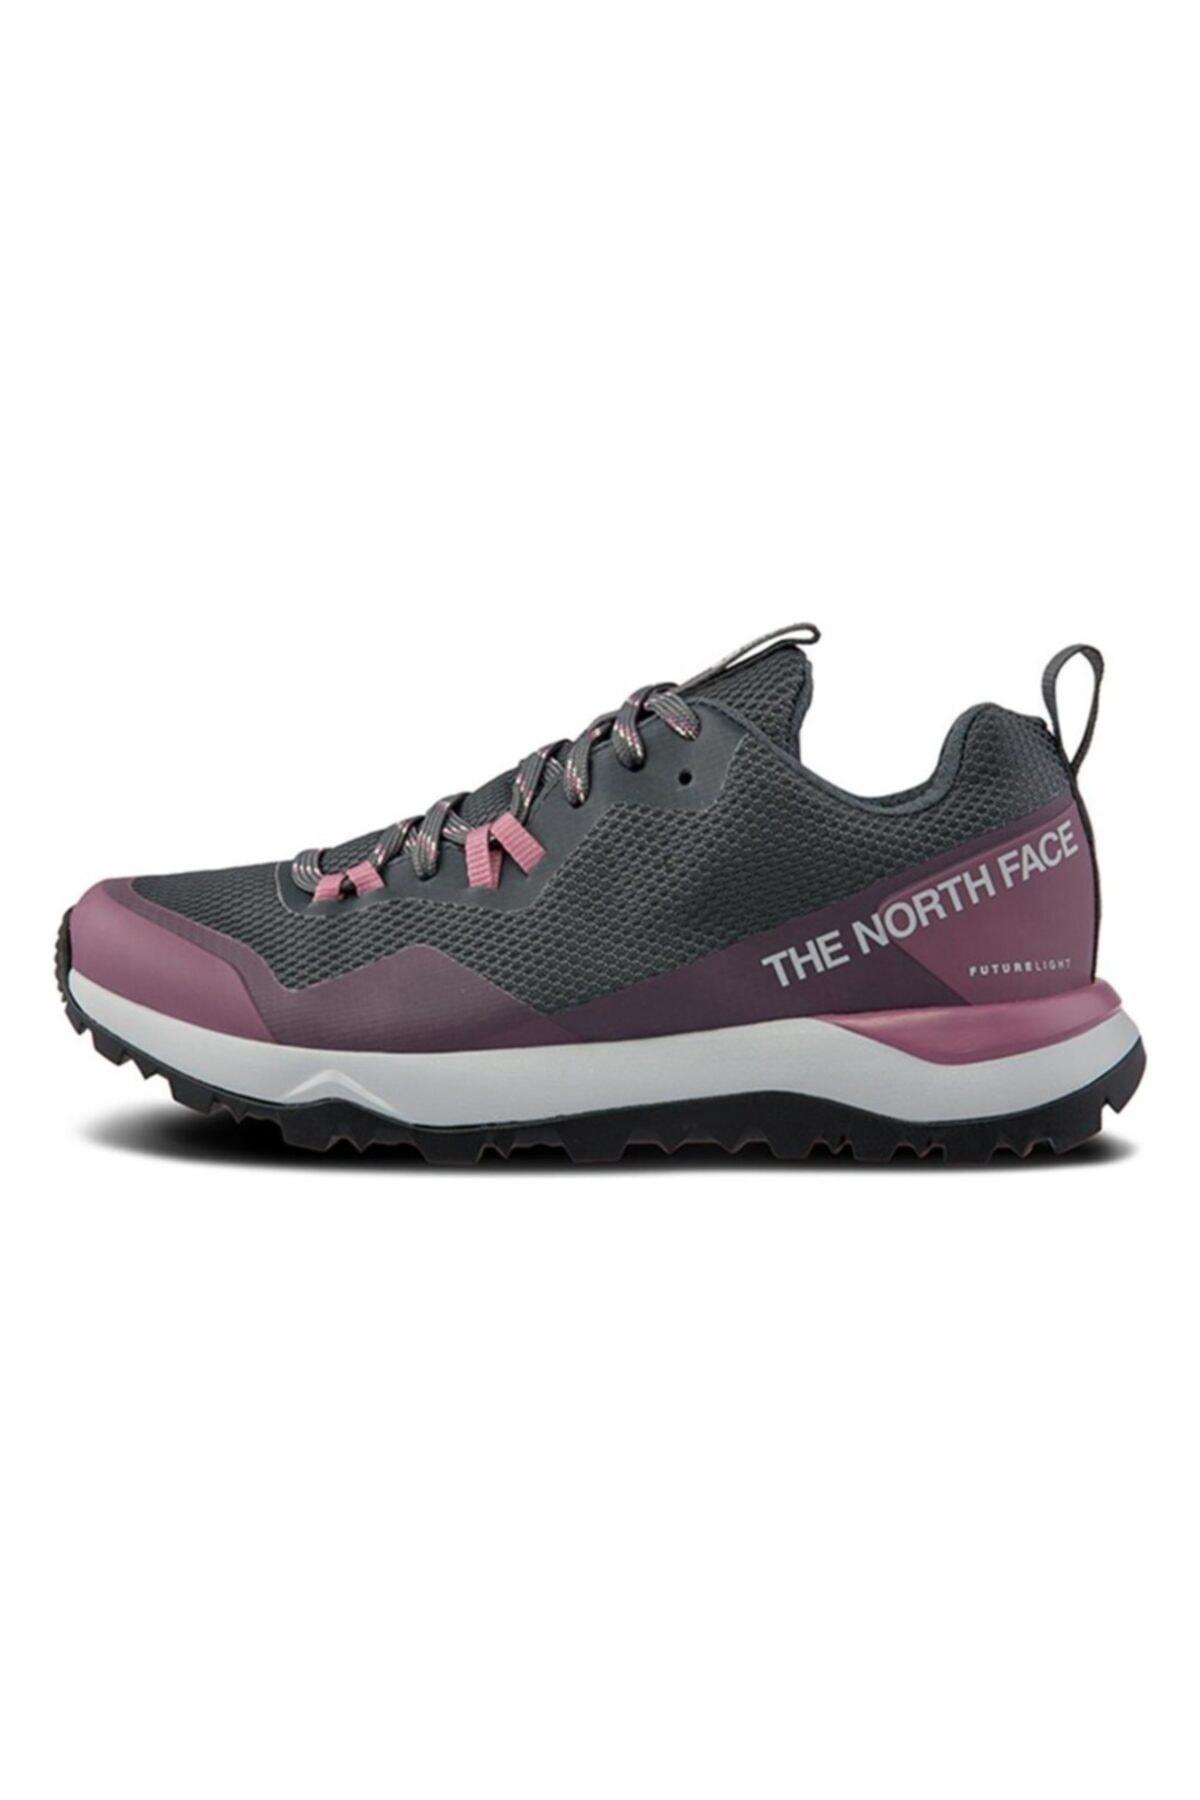 THE NORTH FACE Kadın Bordo Outdoor Ayakkabı 2